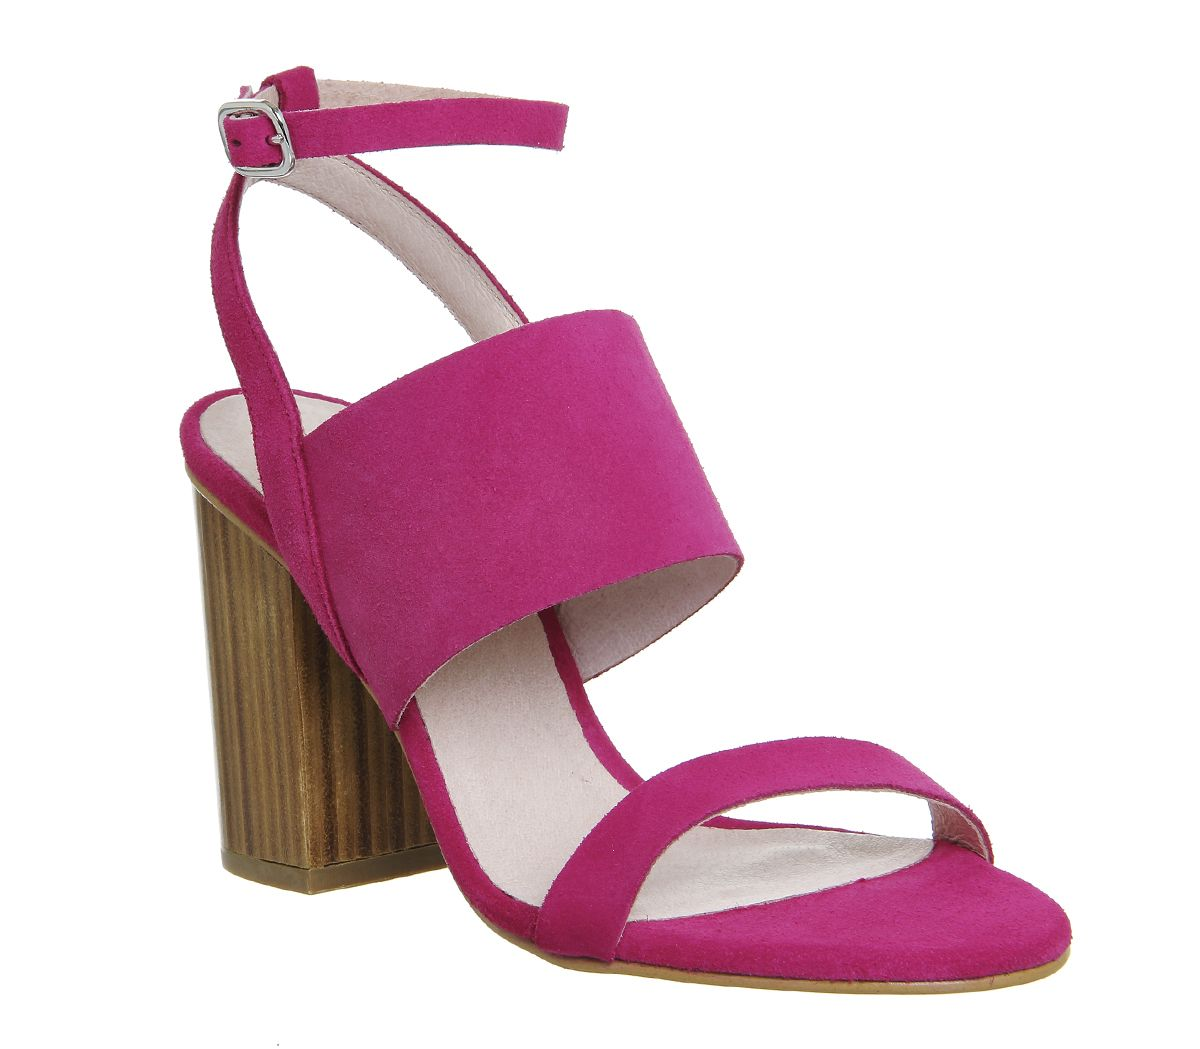 7162851847 Office Time 3 Strap Block Heel Sandals Pink Suede Wood Heel - High Heels